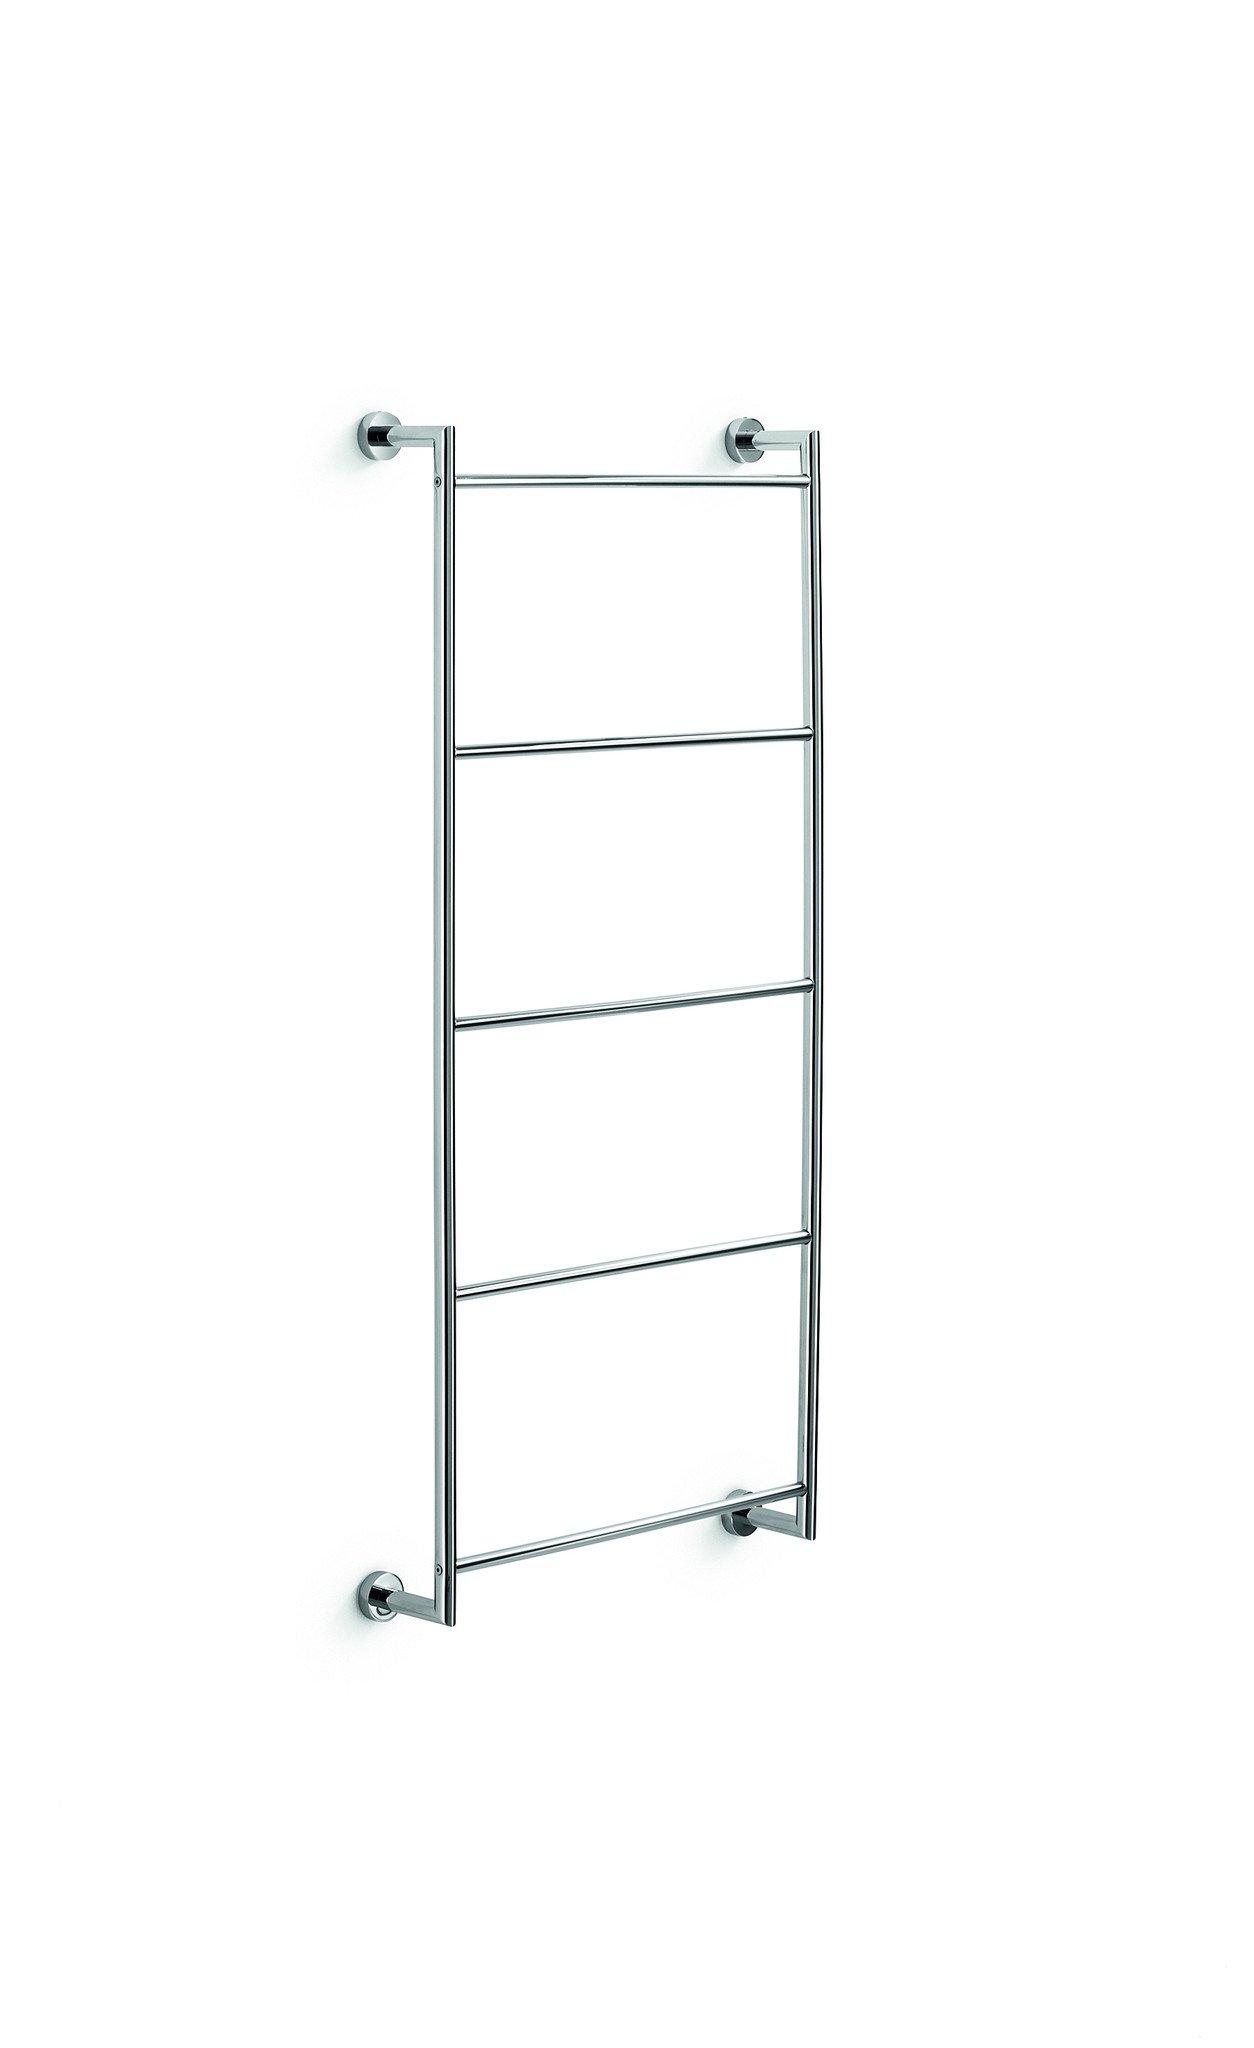 LB Baketo Wall Brass Towel Rack Ladder for Bathroom Spa Towel Hanger Chrome